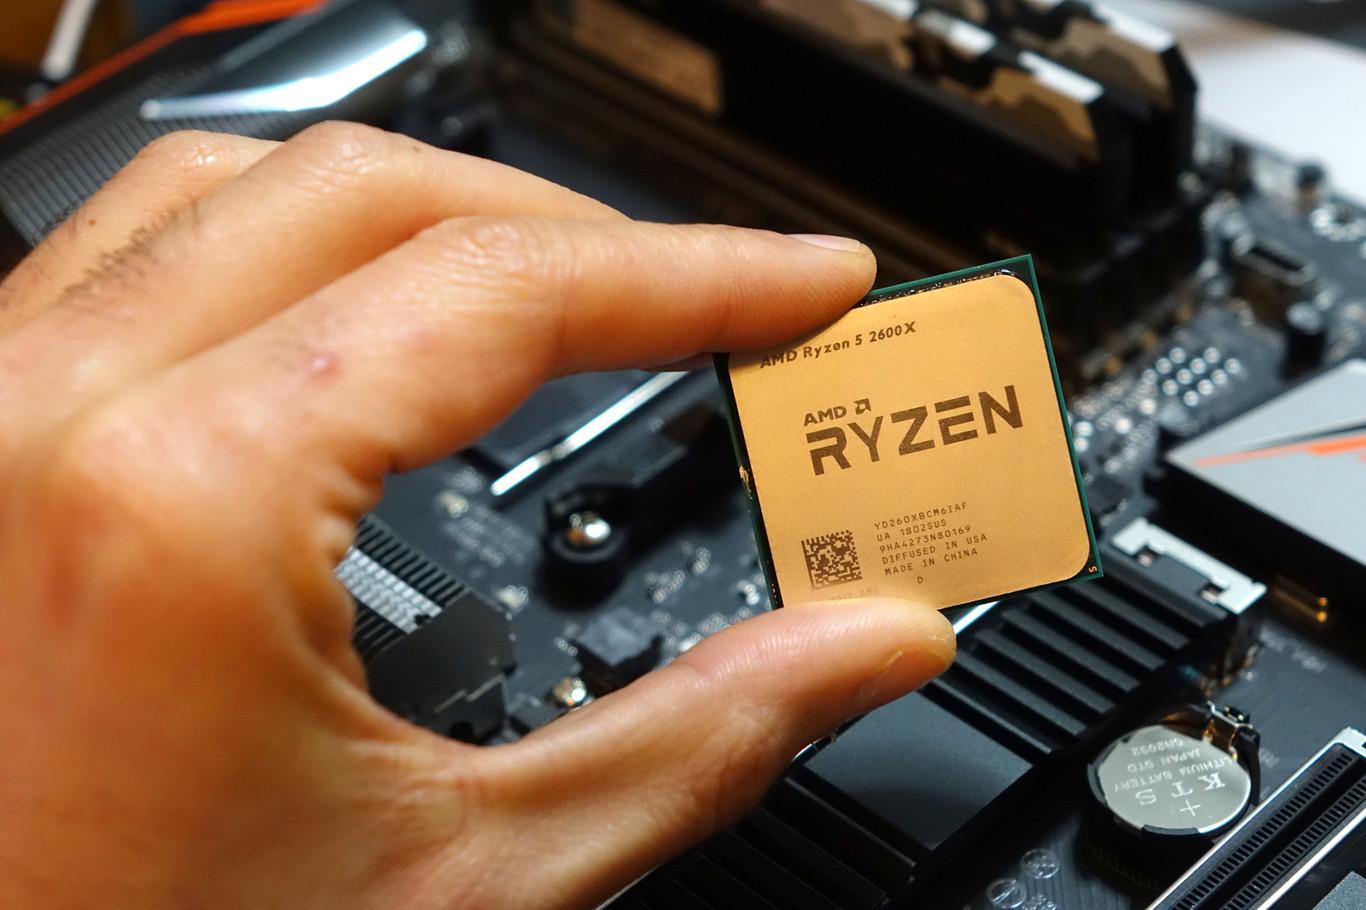 AMD Ryzen 7 2700X and Ryzen 5 2600X